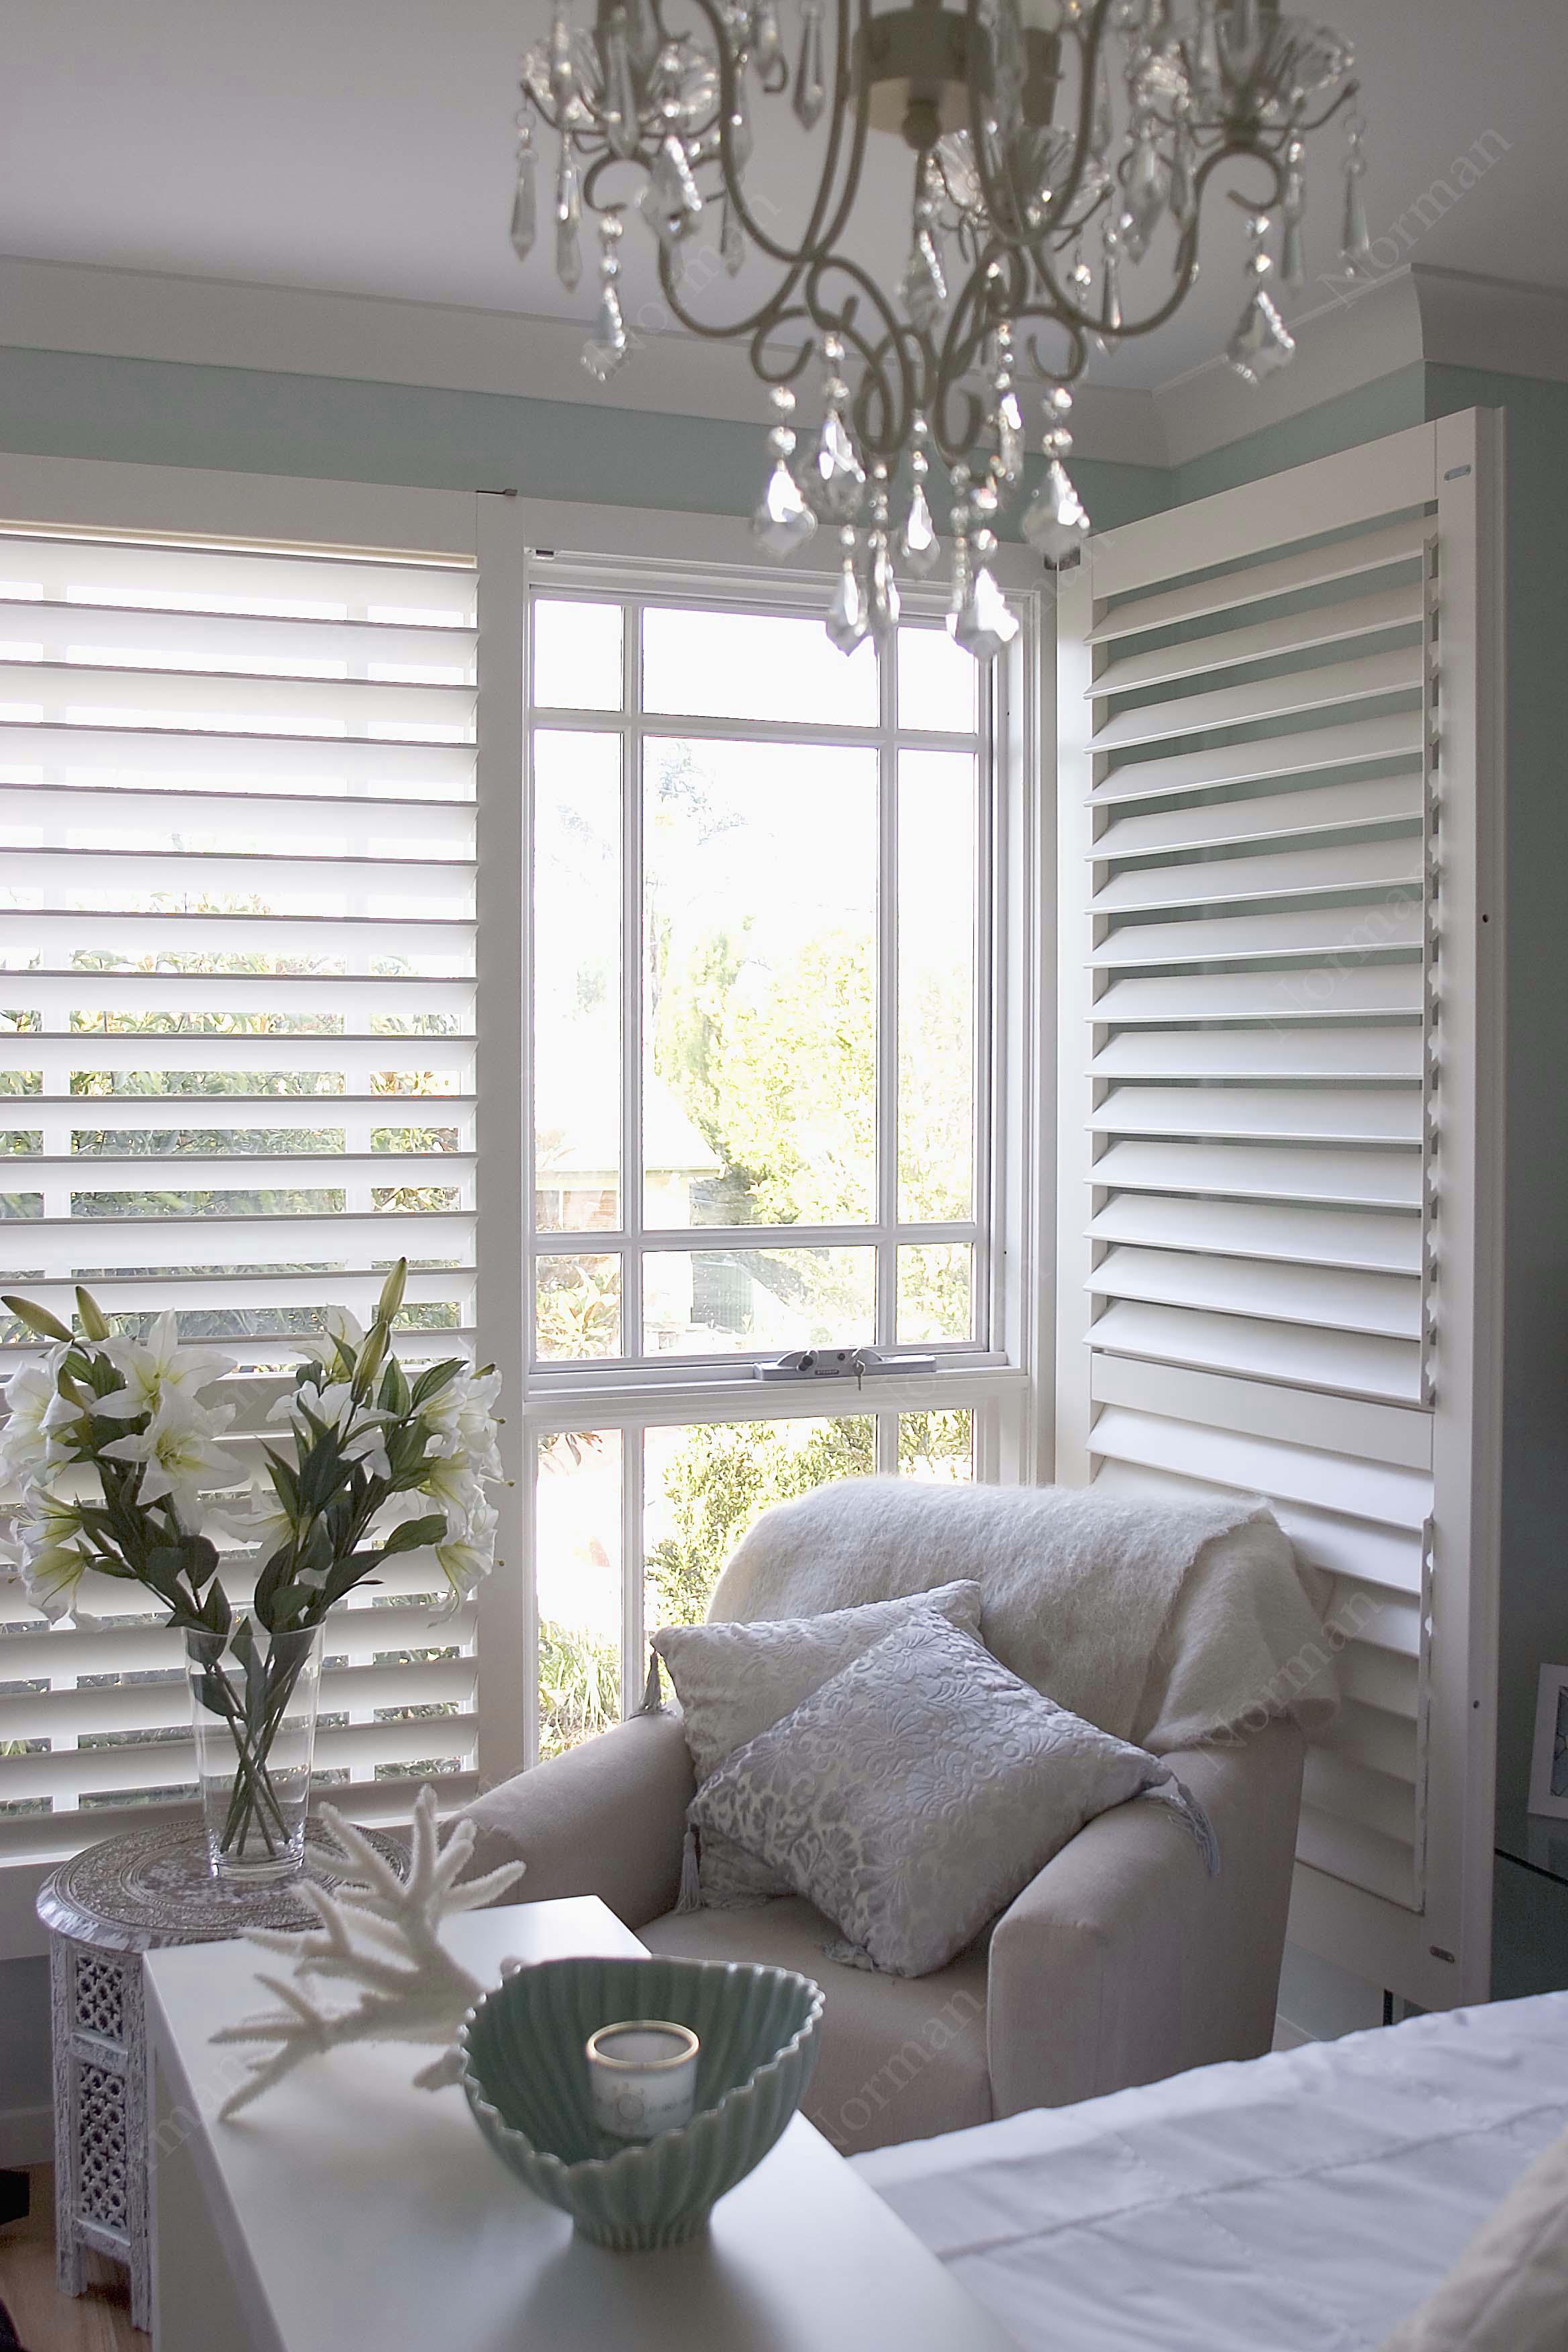 Indoor shutters in the corner